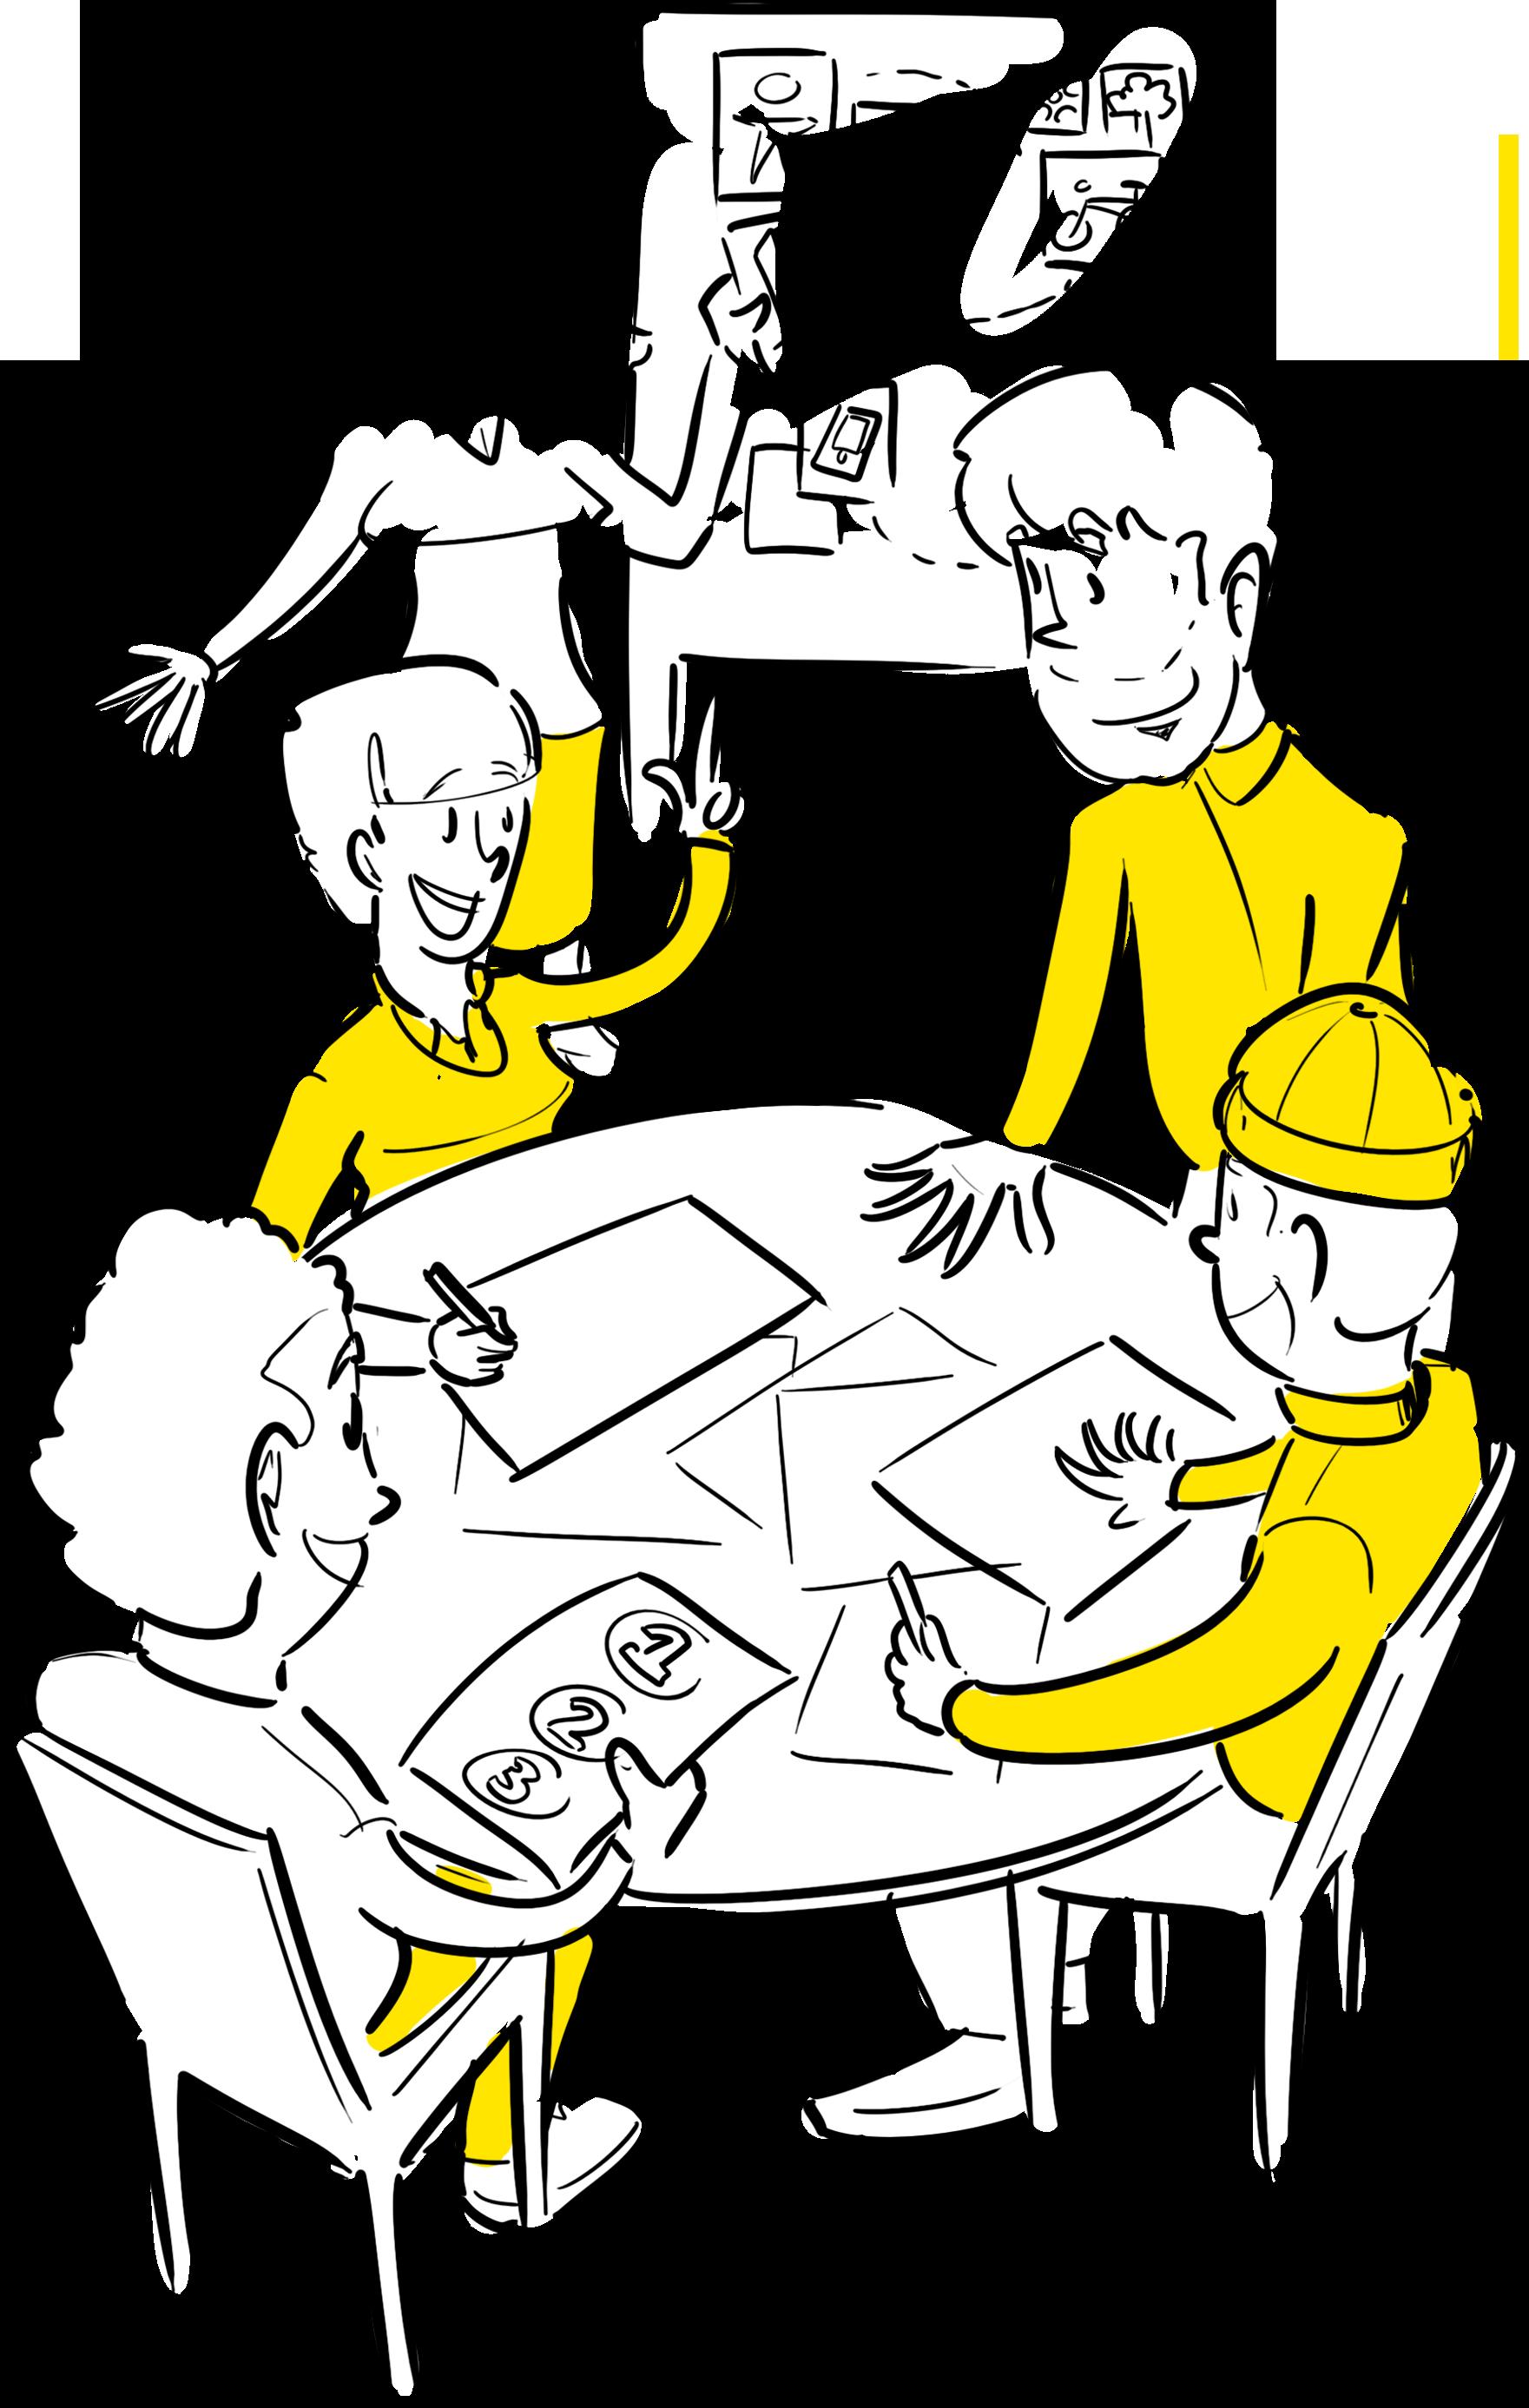 samen visueel verhaal ontwikkelen gedragen beeld strategie tekeningen praatplaat animatie Den Haag customer journey klantreis uitstippelen voorbeeld